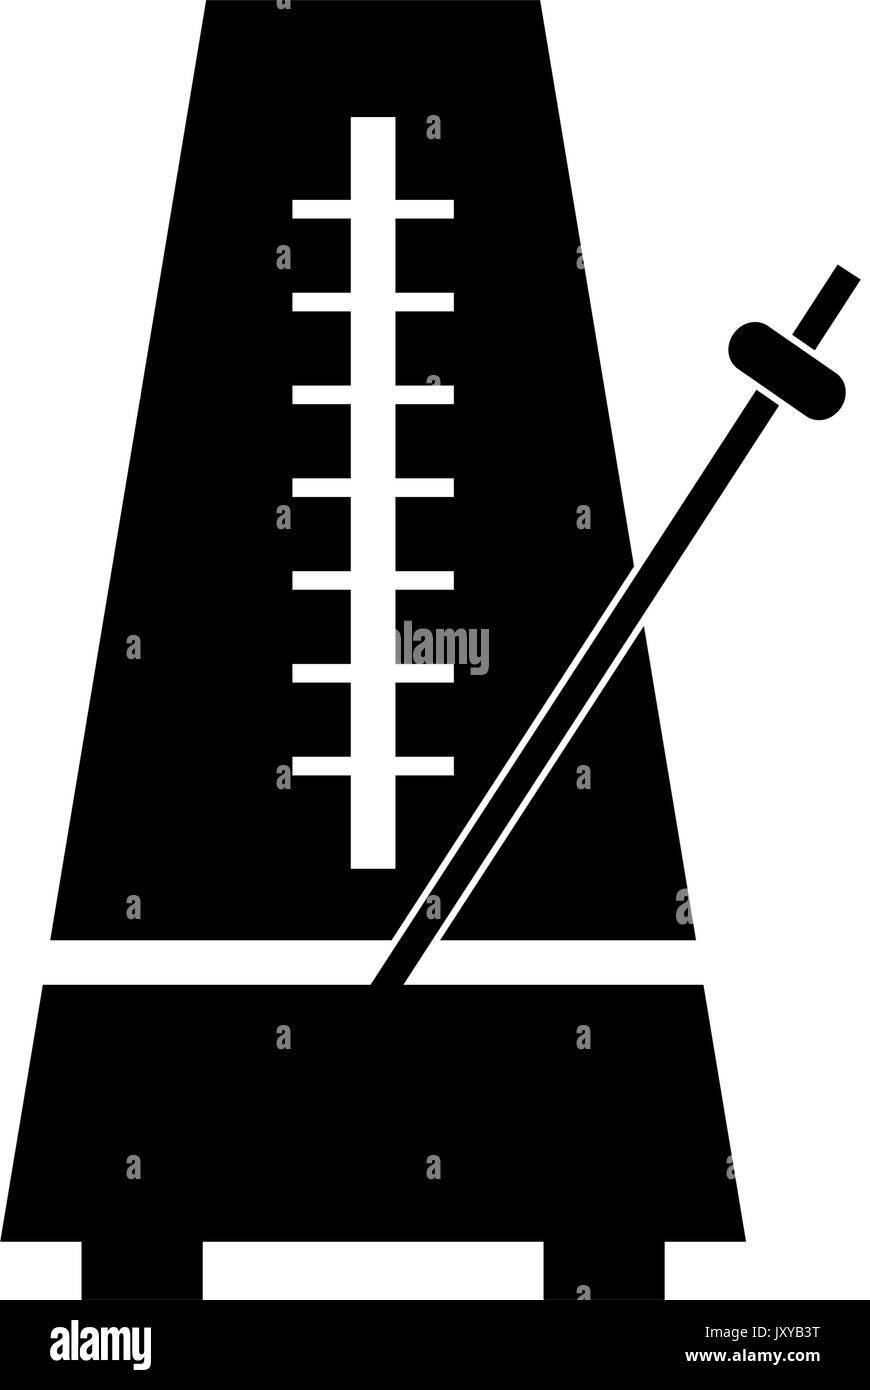 Metronome icon - Stock Image